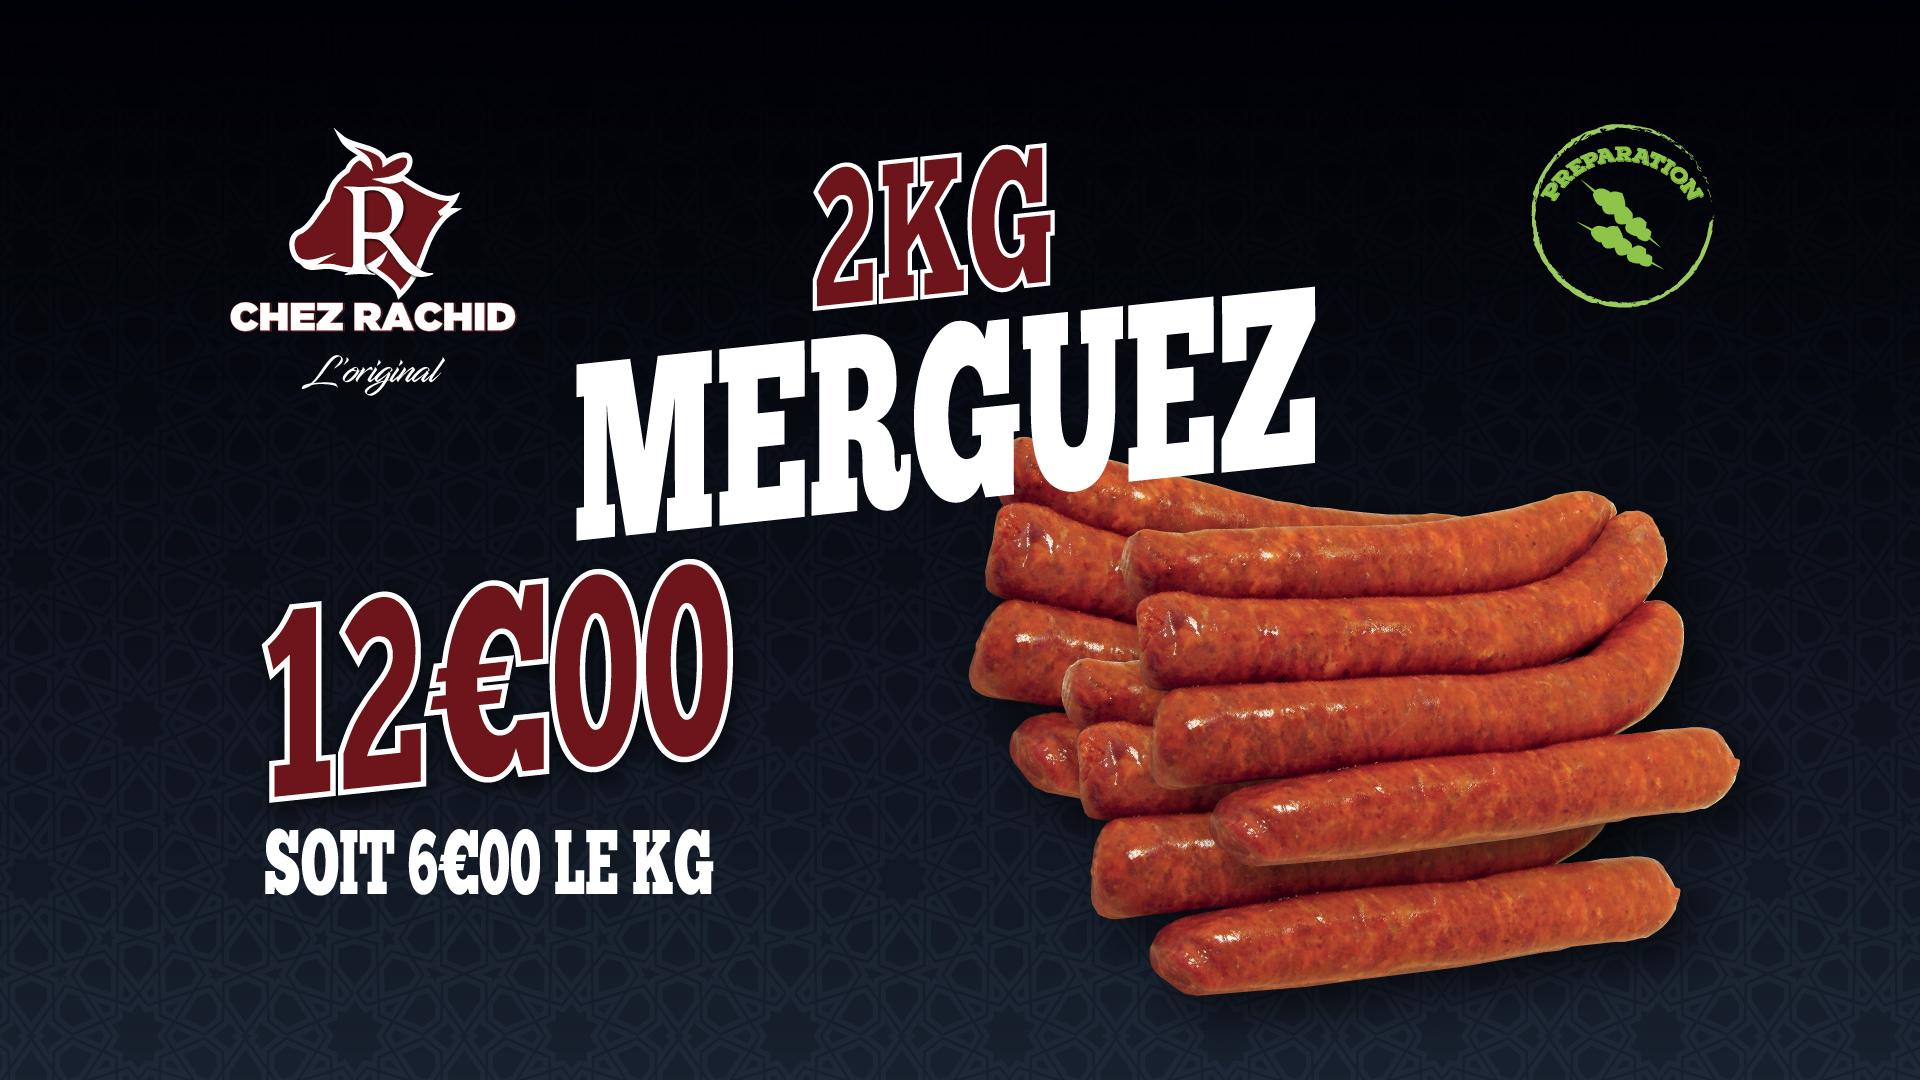 2 KG de Merguez